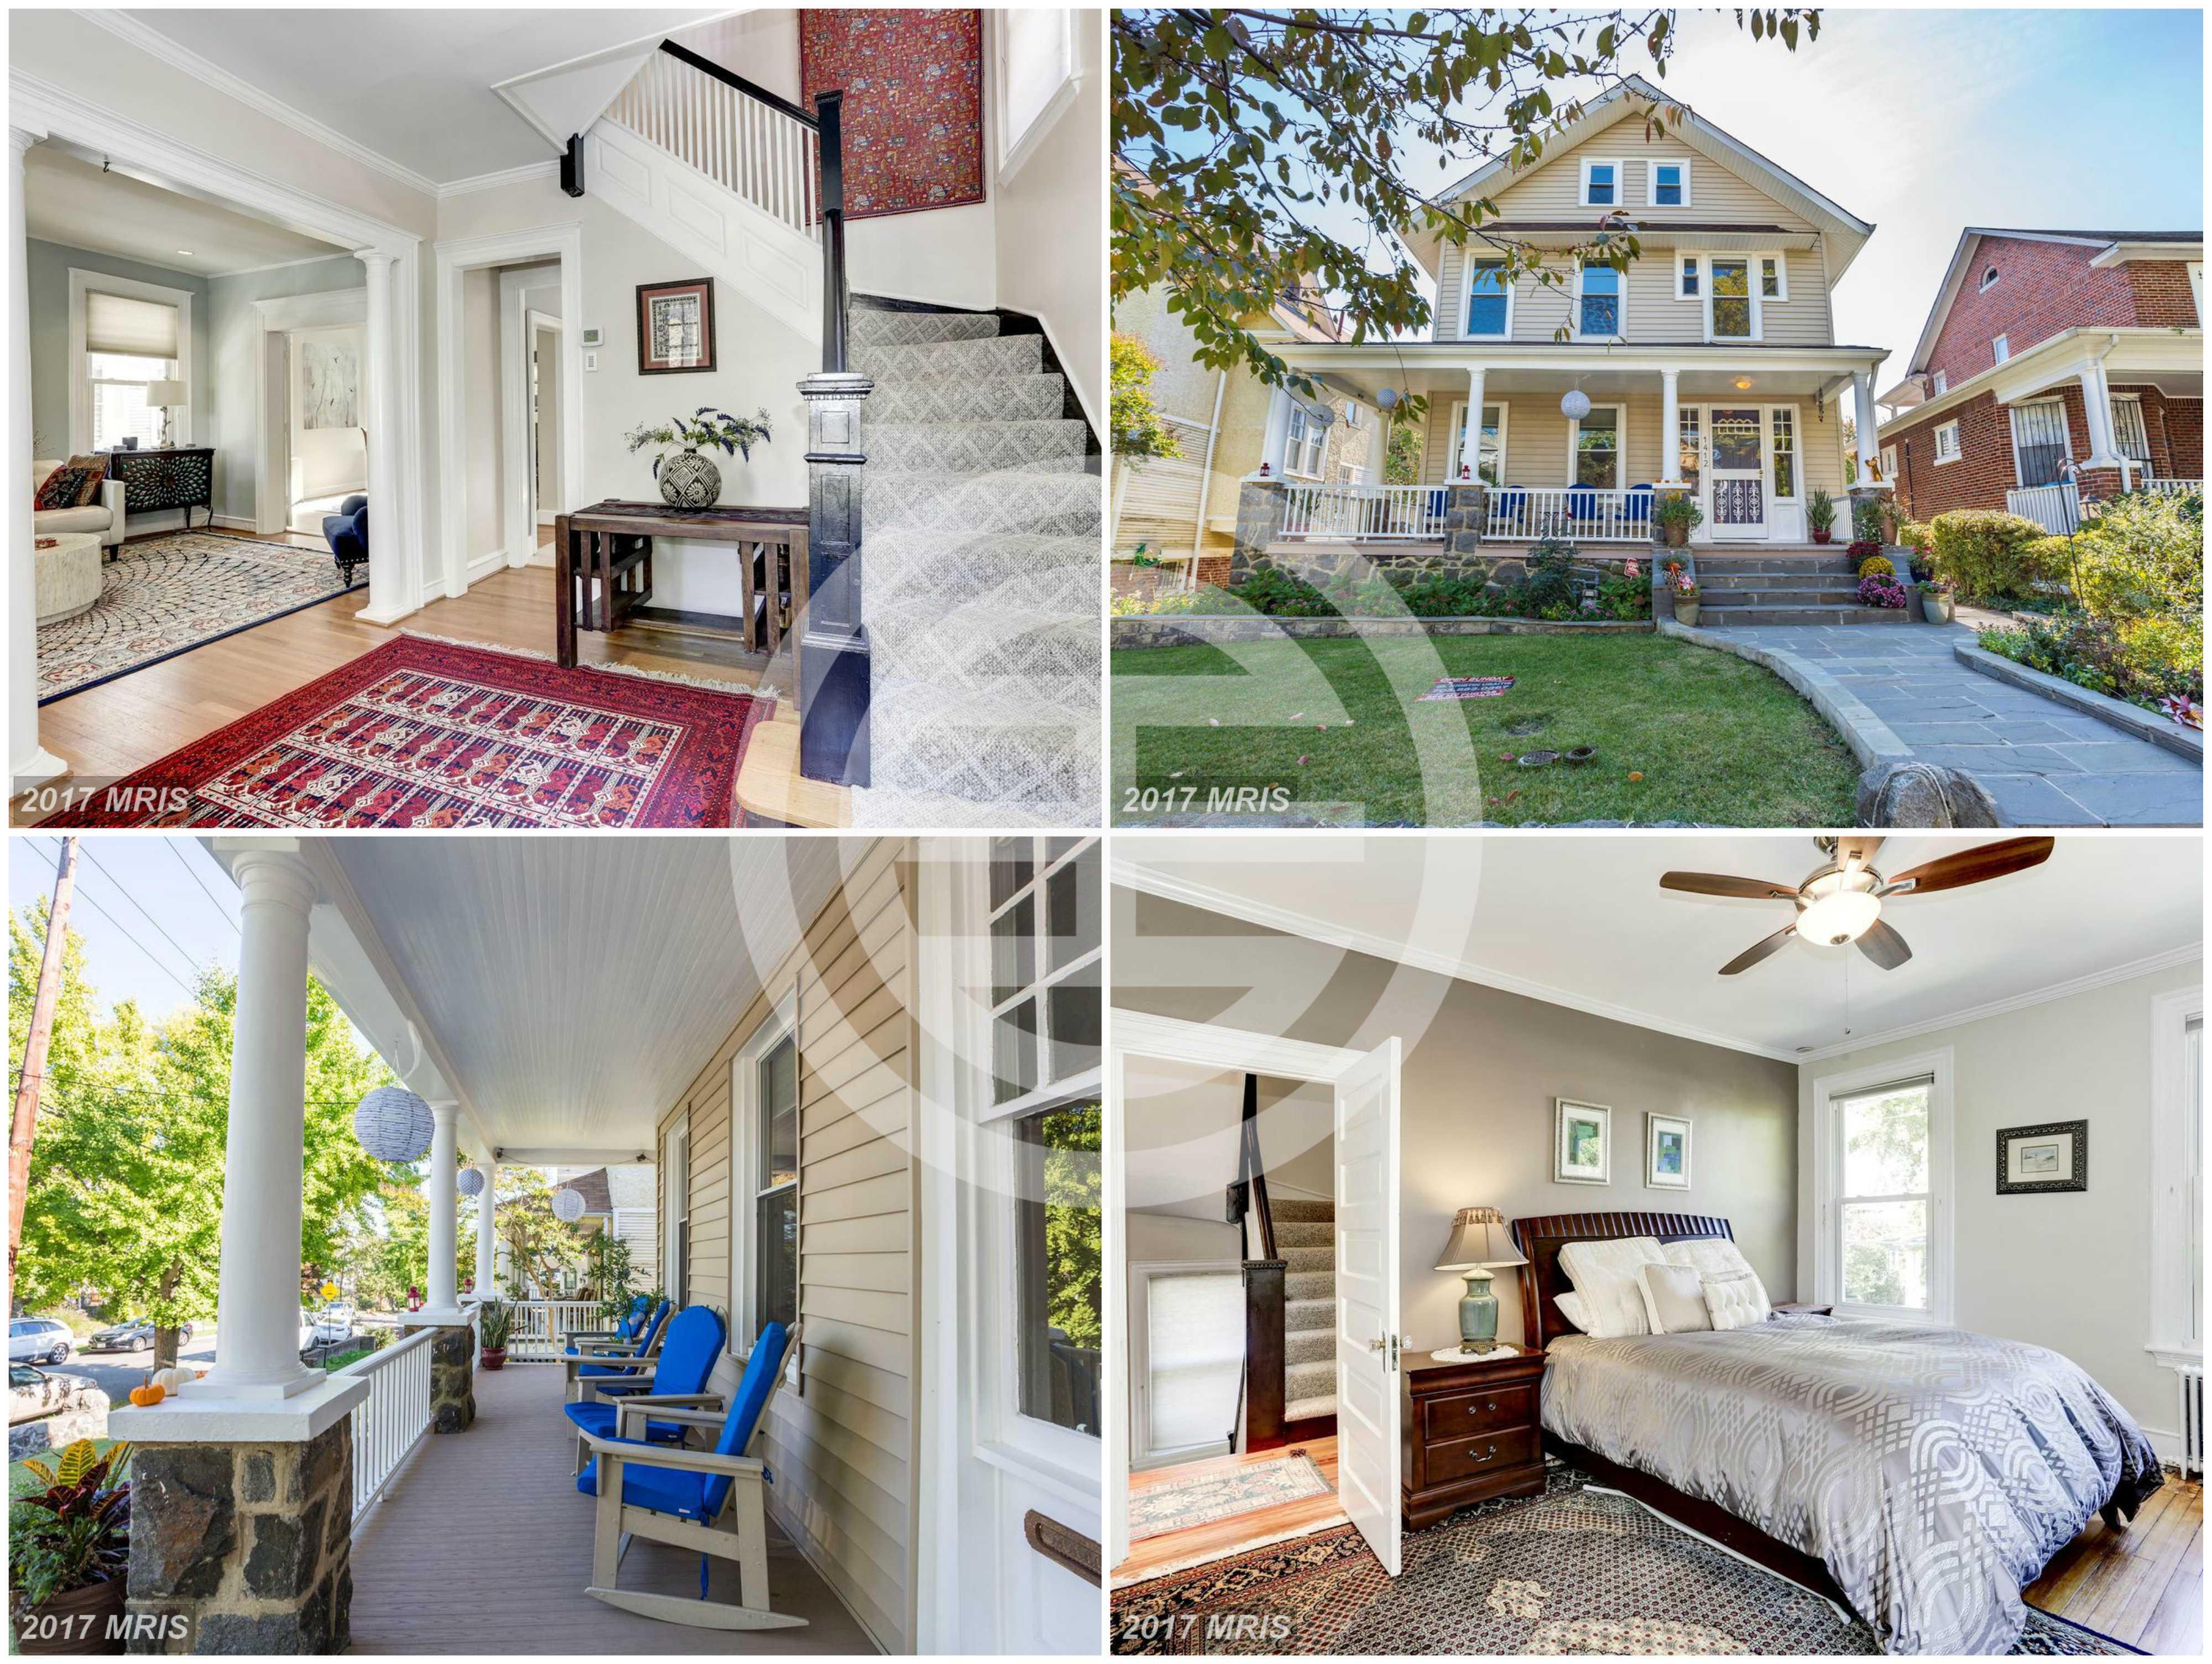 在居外网上放售的华盛顿特区房产:维多利亚式建筑,楼高4层,5卧4卫,带门廊和花园,仅售99.99万美元(约665万元人民币)